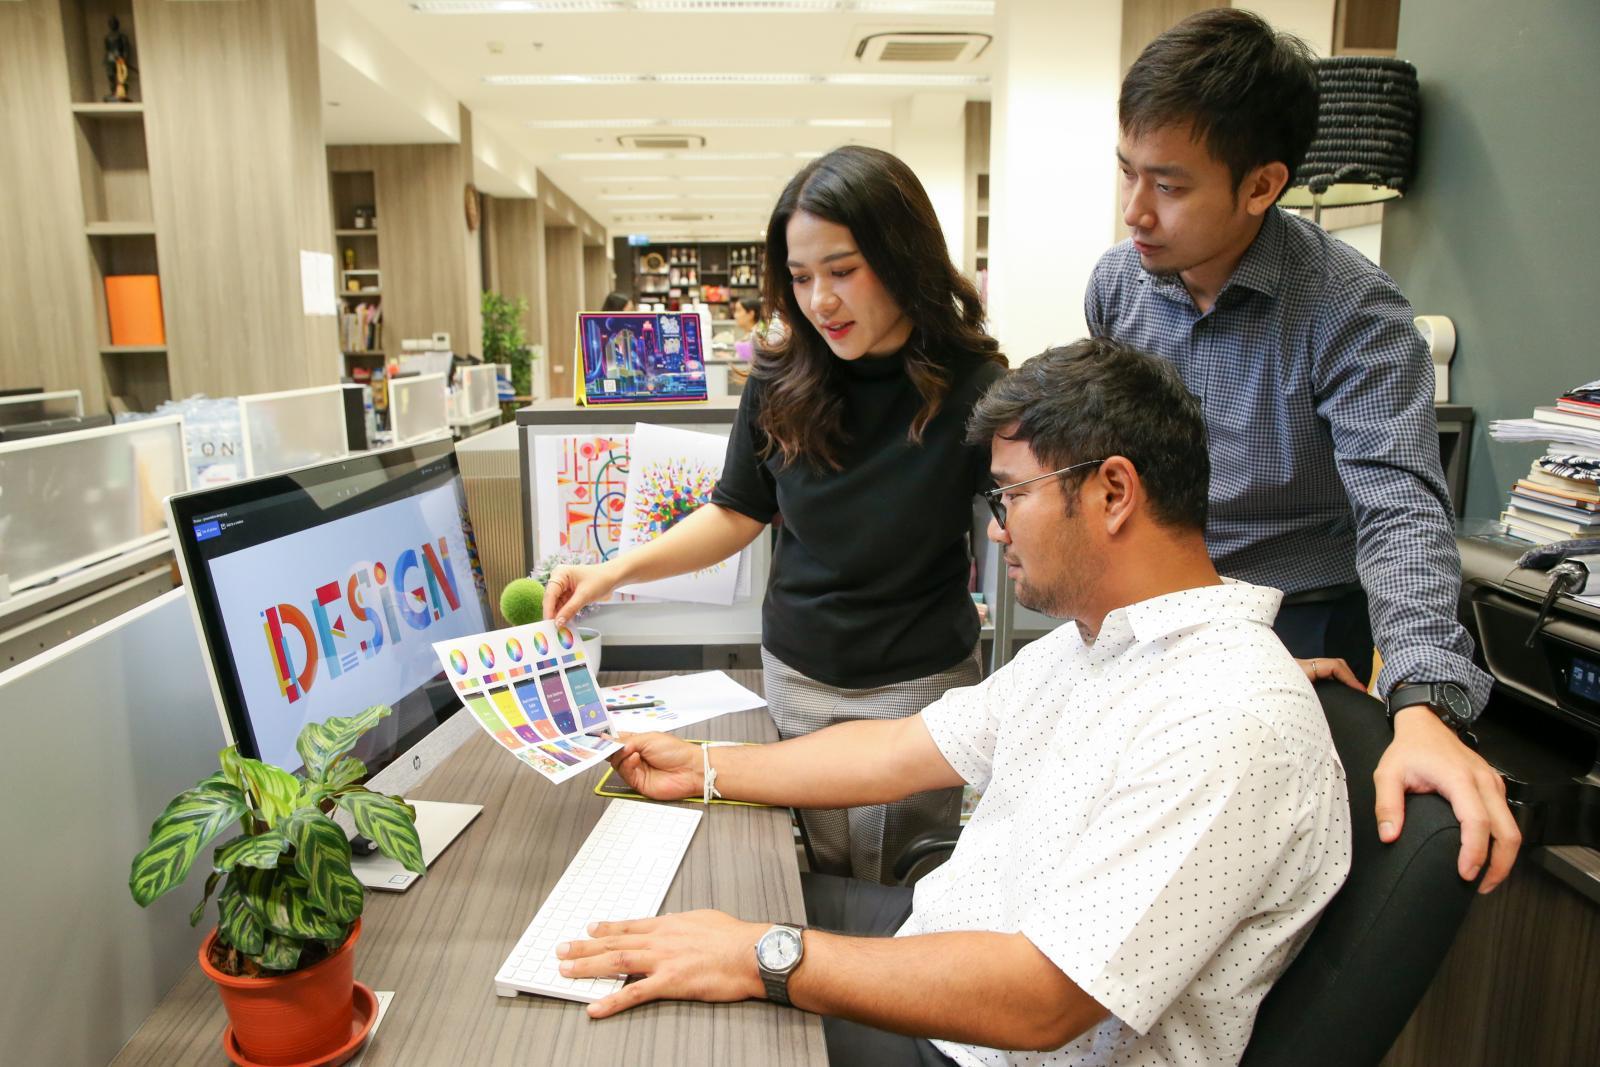 สิงห์อาสา สร้างอาชีพต่อเนื่องโครงการสาม ร่วมการประปาฯ และ 6 สถาบัน อบรมวิชาชีพช่าง Home Service and Office Skills